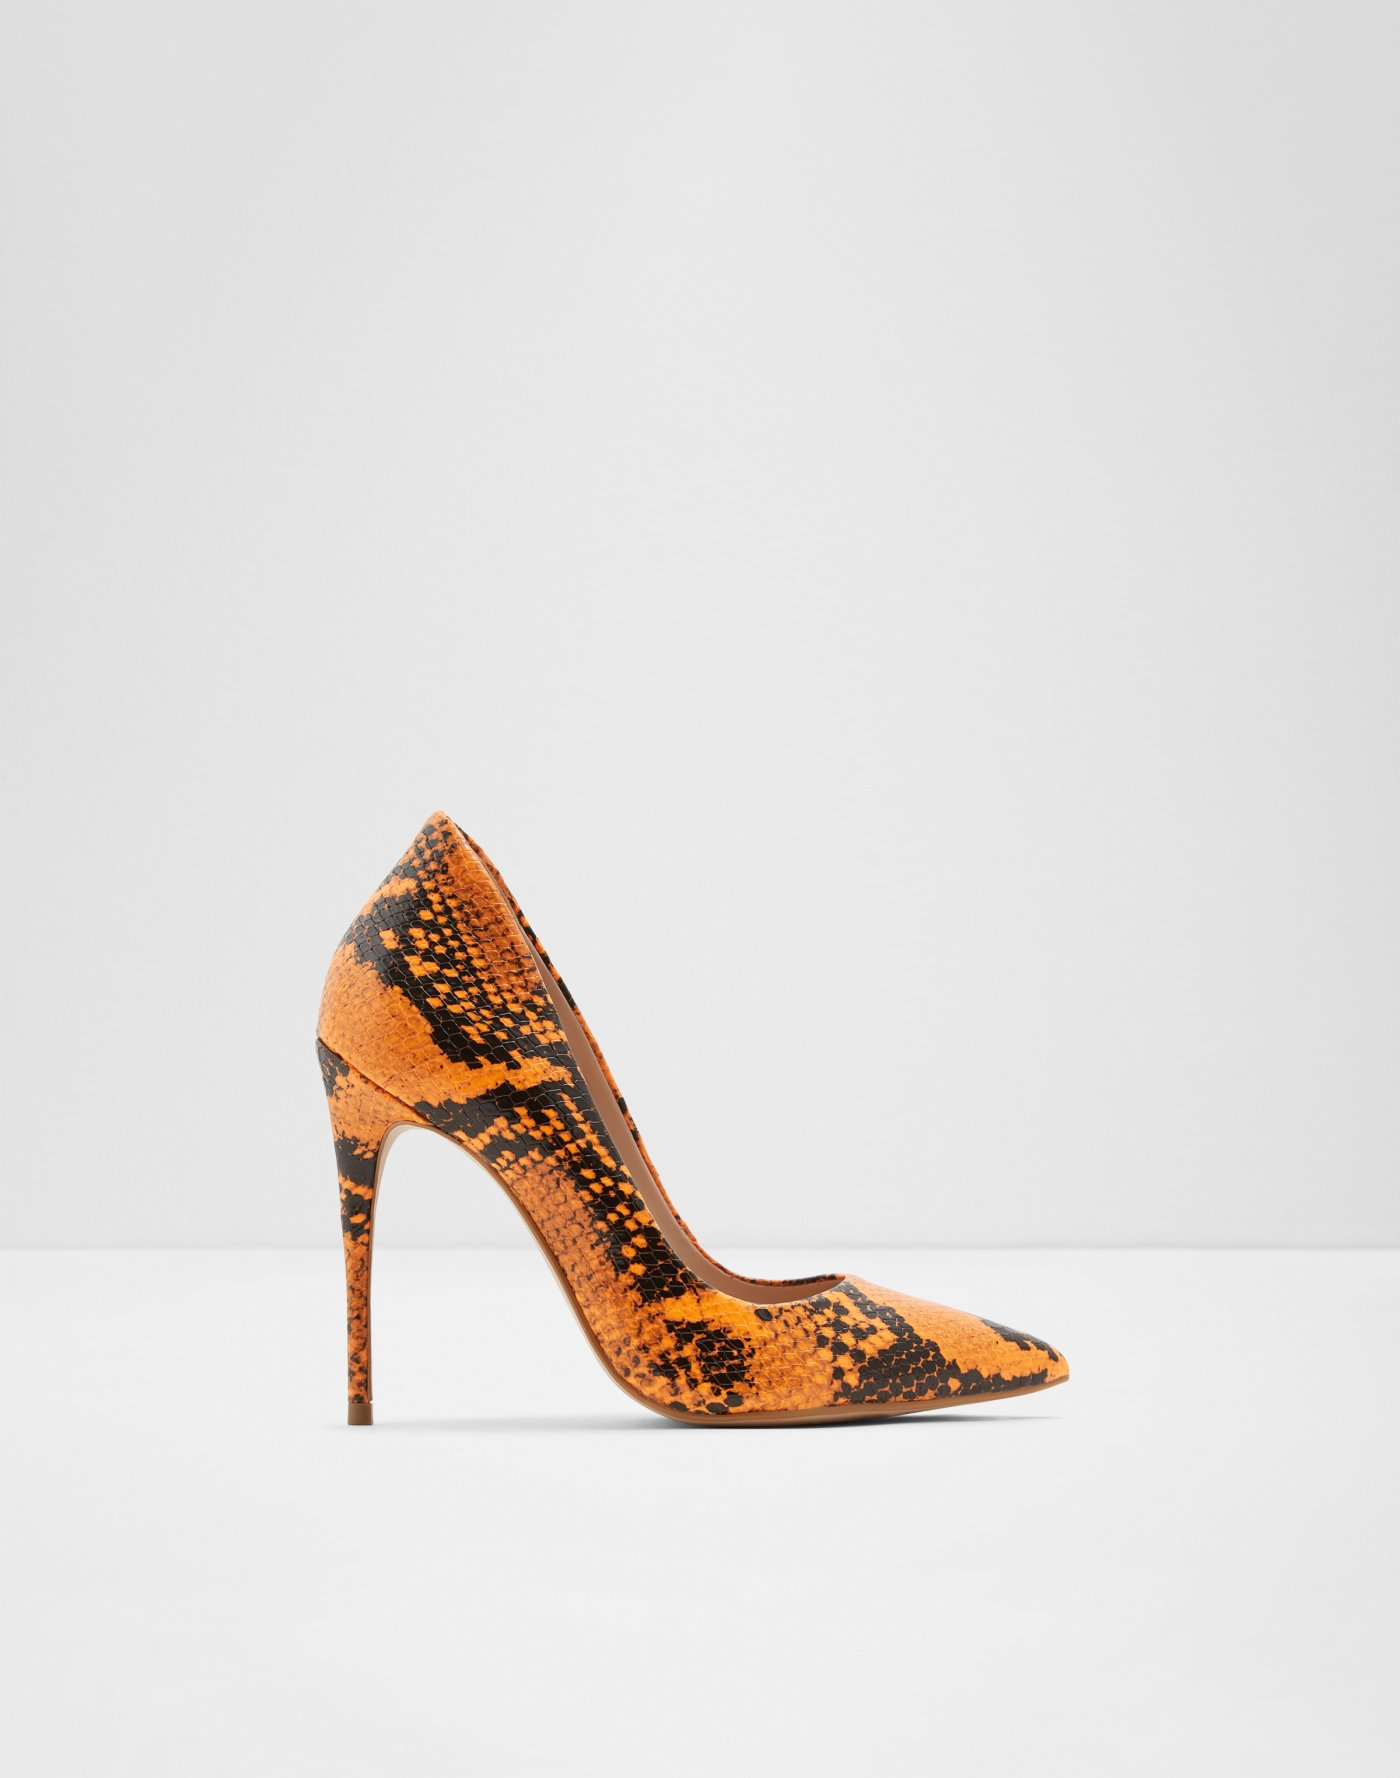 a528a93702 Heels | Aldoshoes.com US